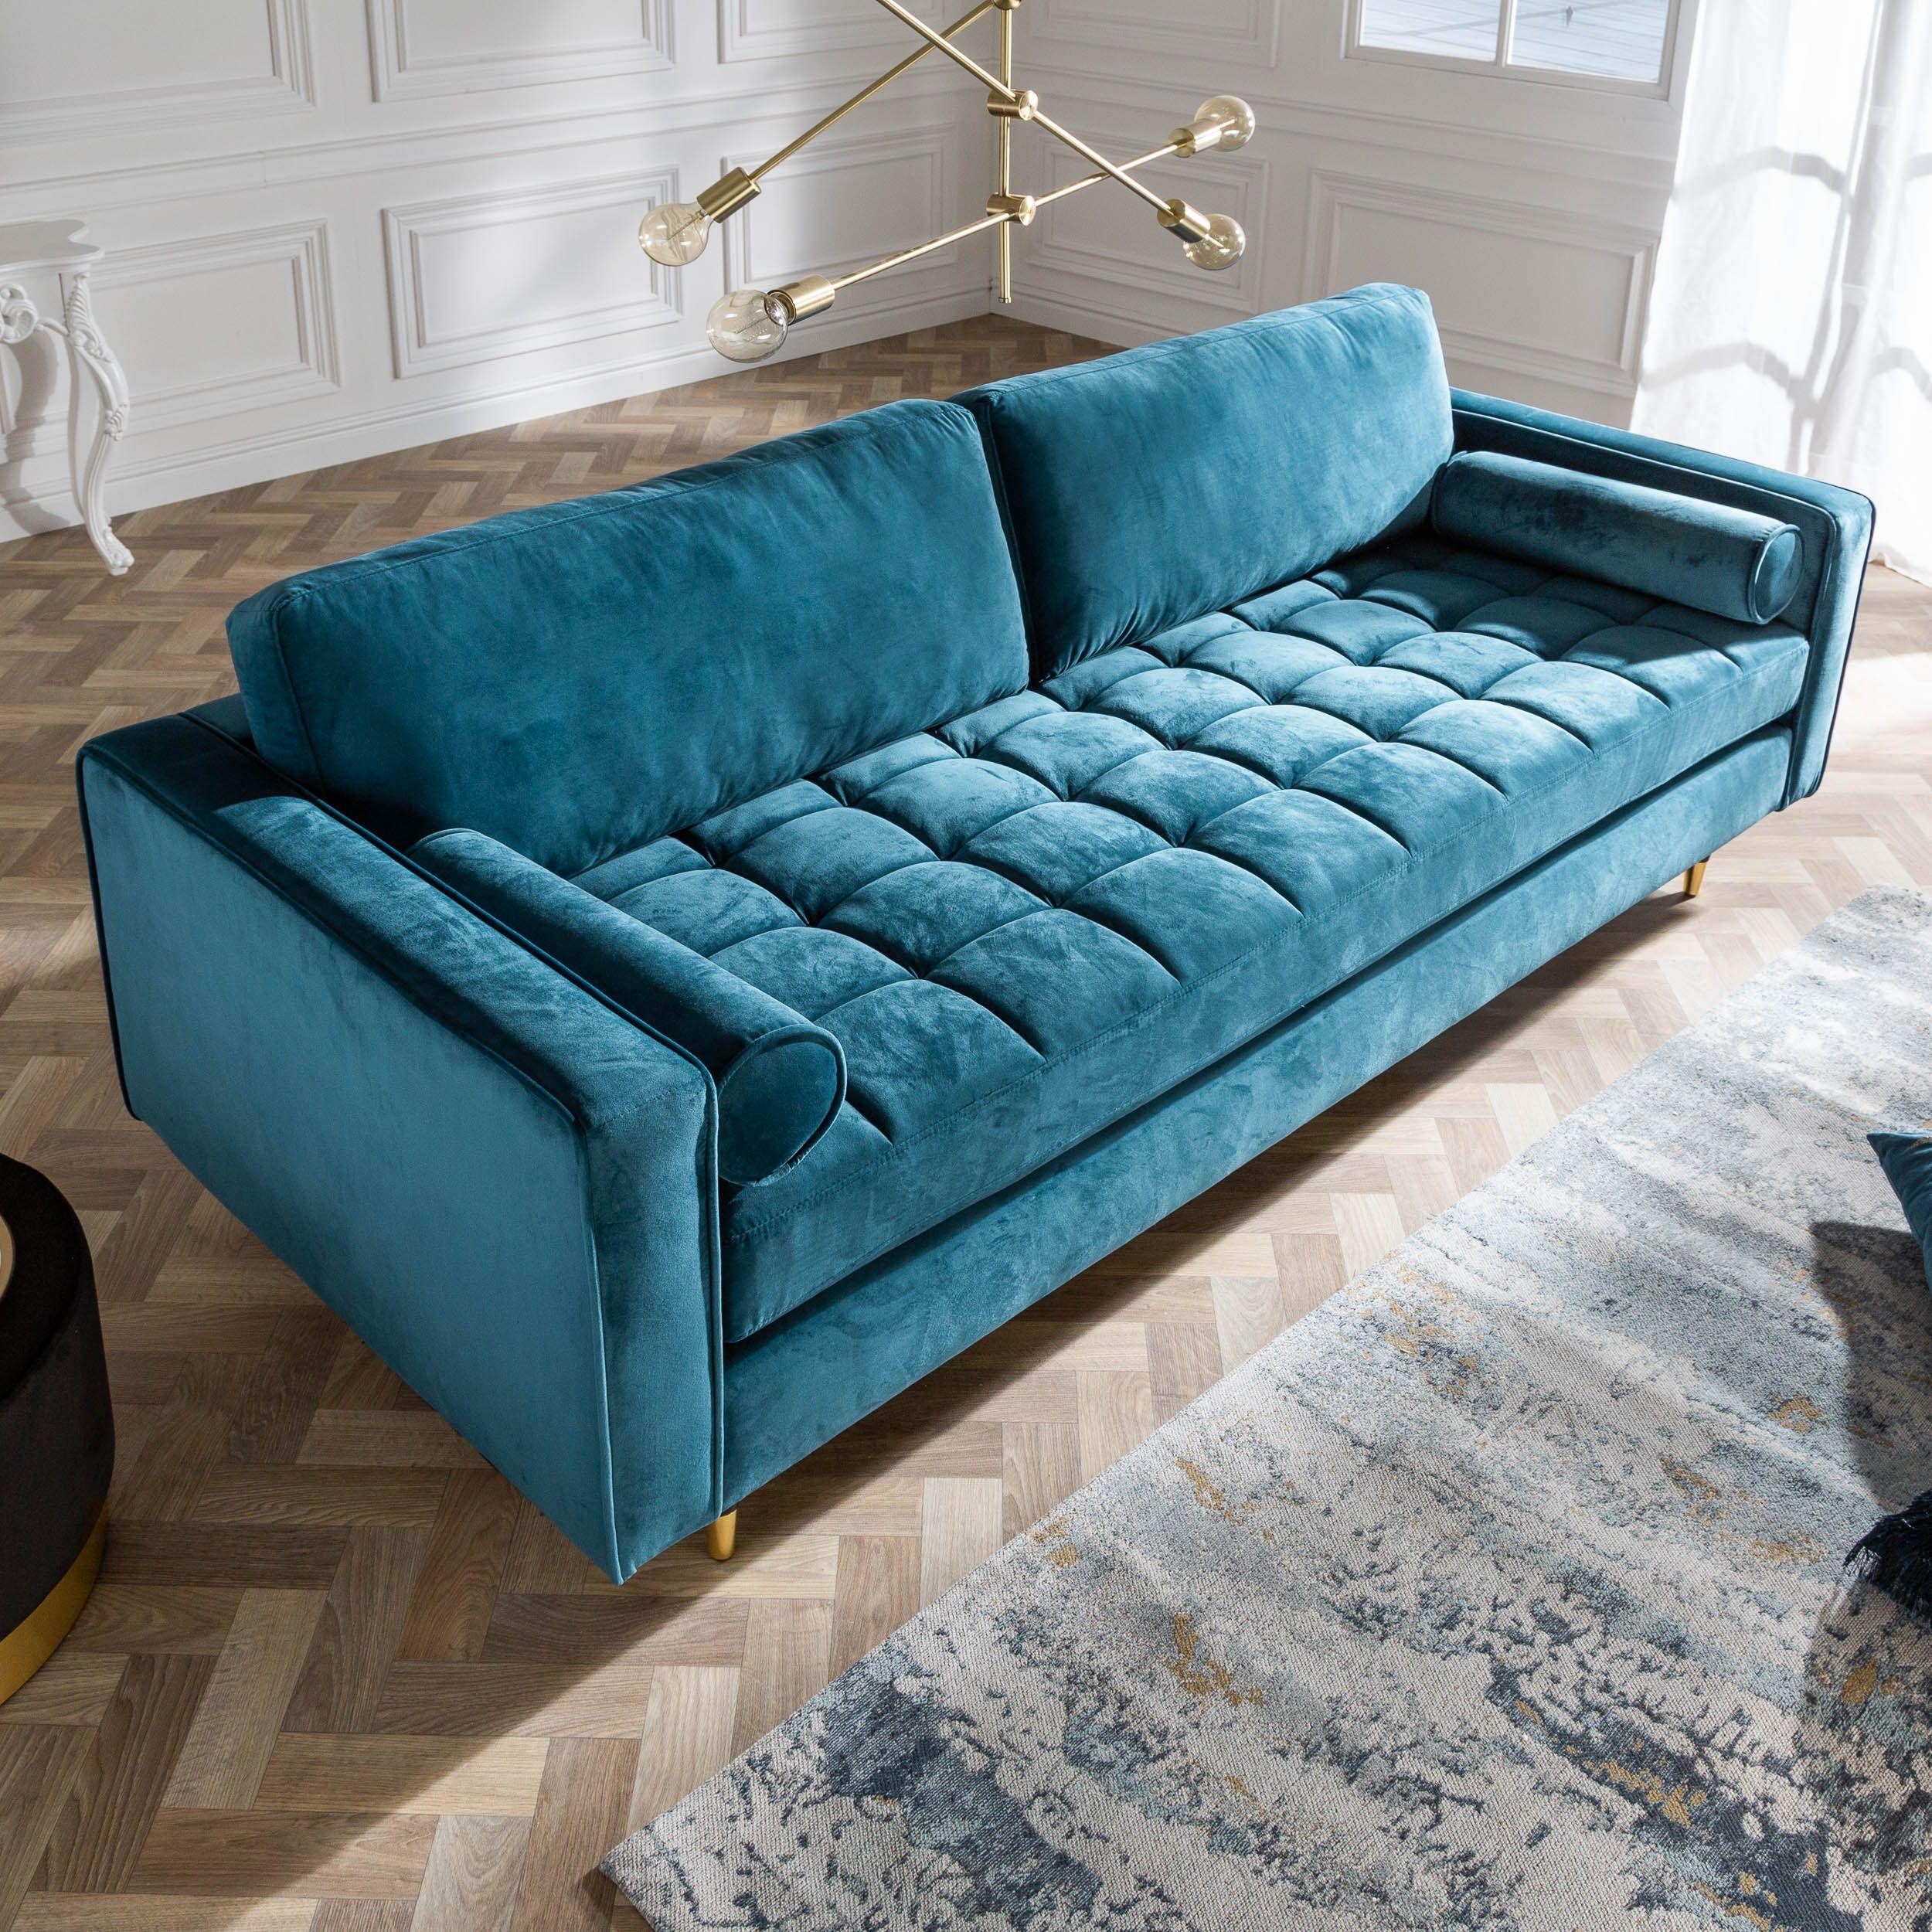 Elegantes Design 3er Sofa Cozy Velvet 225cm Aqua Samt Federkern Riess Ambiente De 3er Sofa Luxusschlafzimmer Sofa